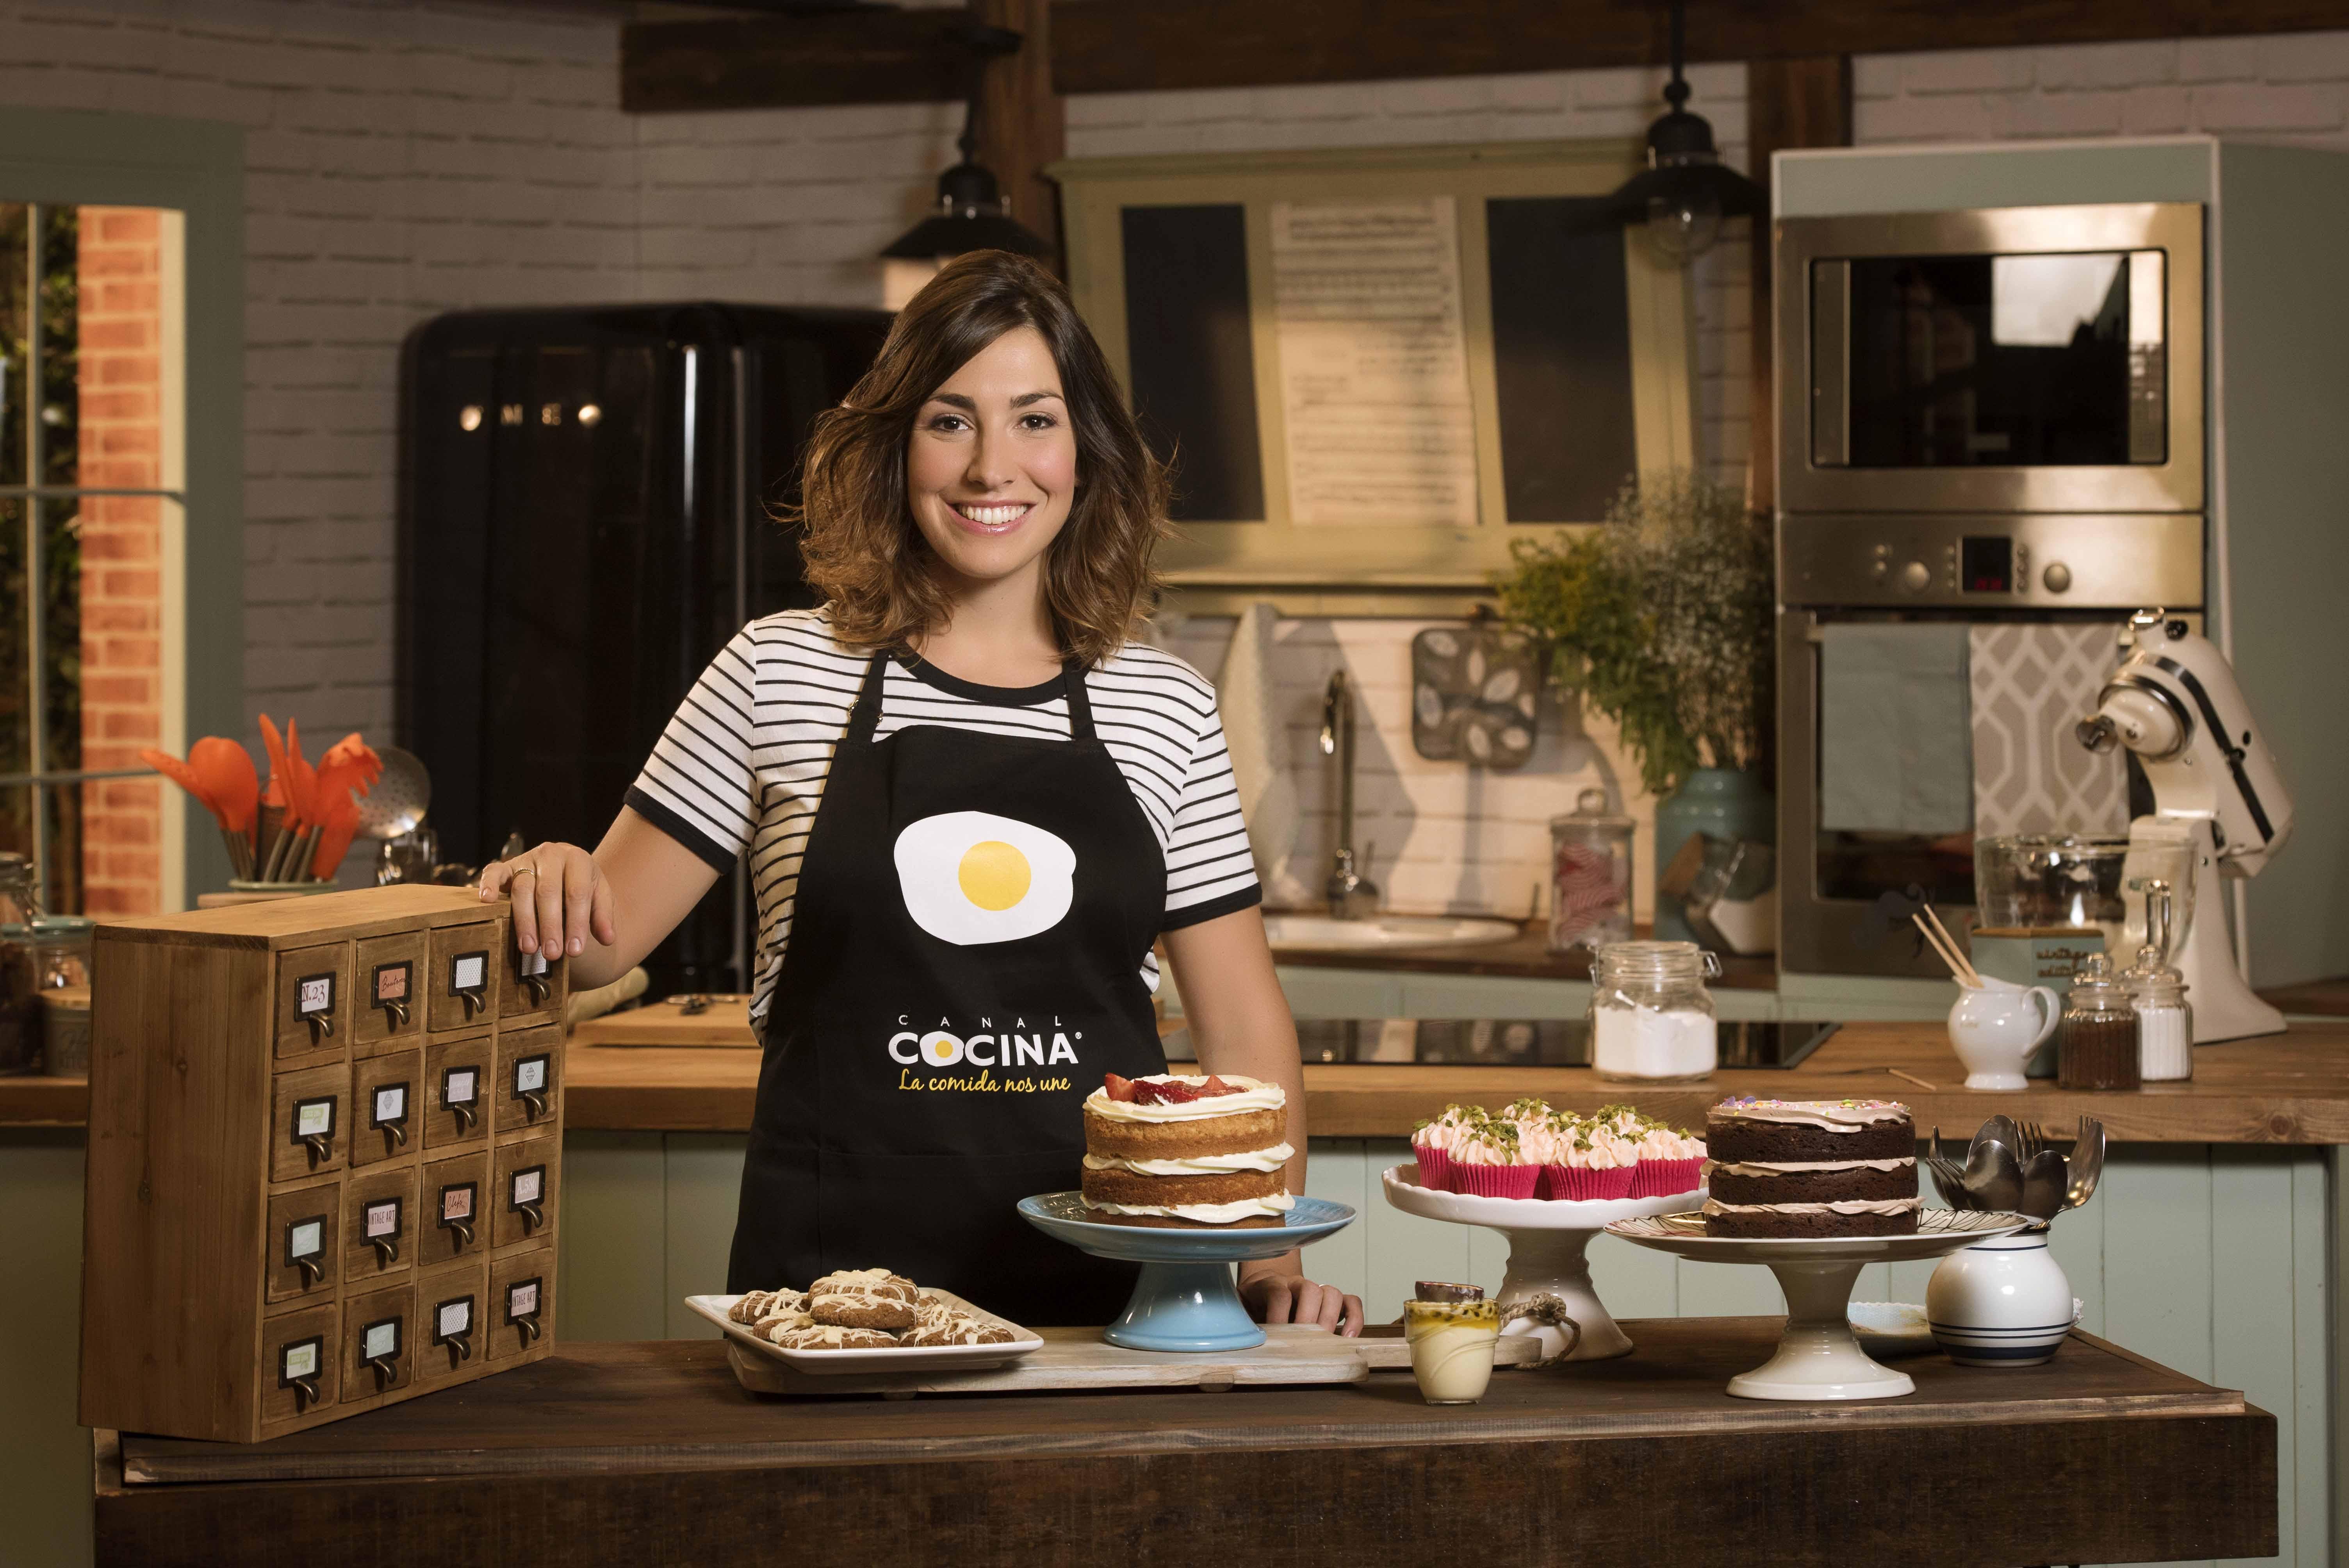 Canal Cocina Archivos - Página 3 de 22 - AMC Networks